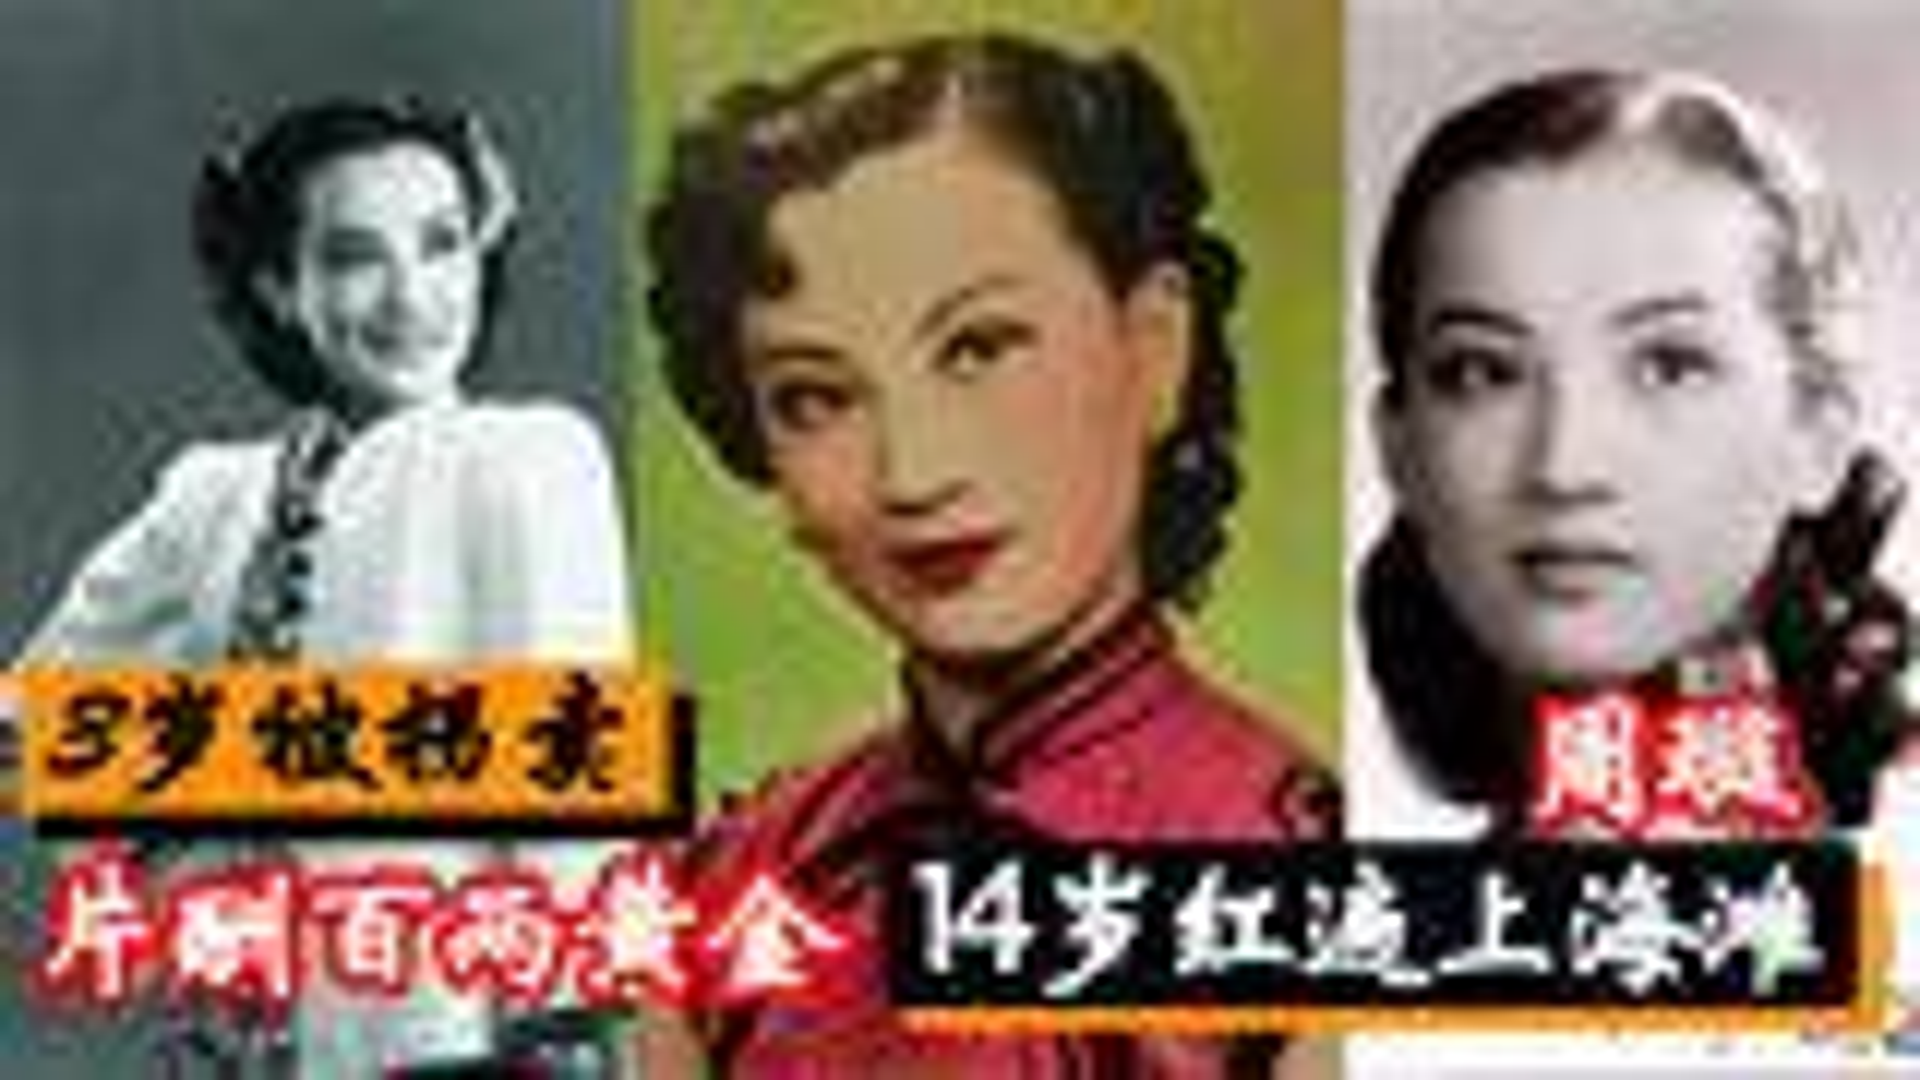 【叶枫】民国最富有女星周璇:3岁被舅舅拐卖,12岁出道,14岁红遍上海滩。(上)